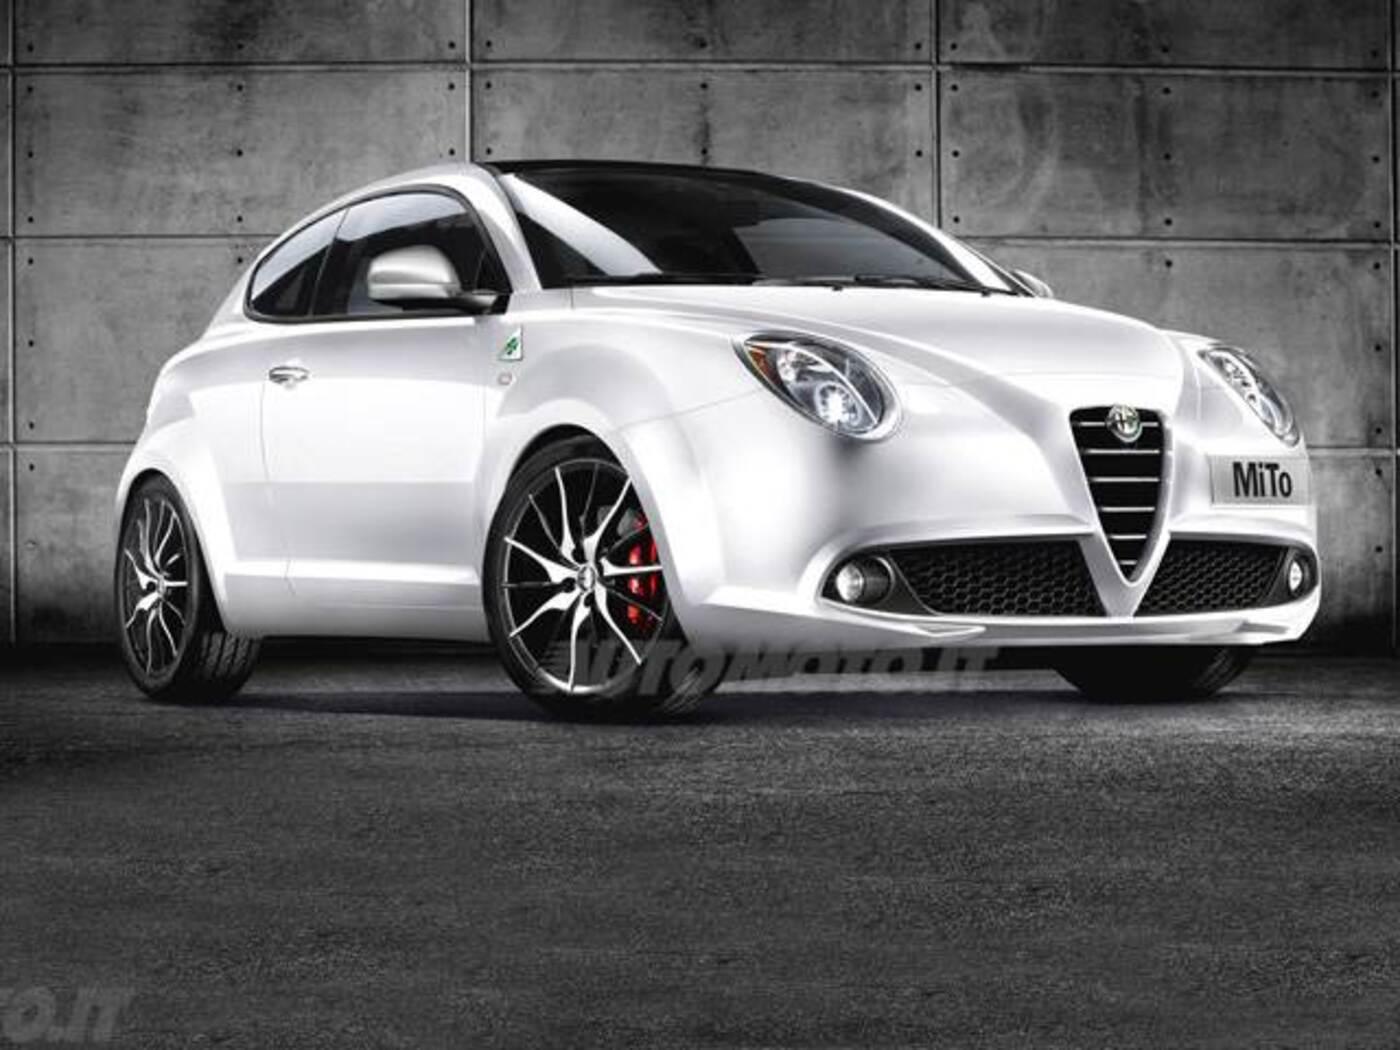 Alfa Romeo Mito 1 4 T 170 Cv M Air S S Quadrifoglio Verde 03 2011 05 2013 Prezzo E Scheda Tecnica Automoto It